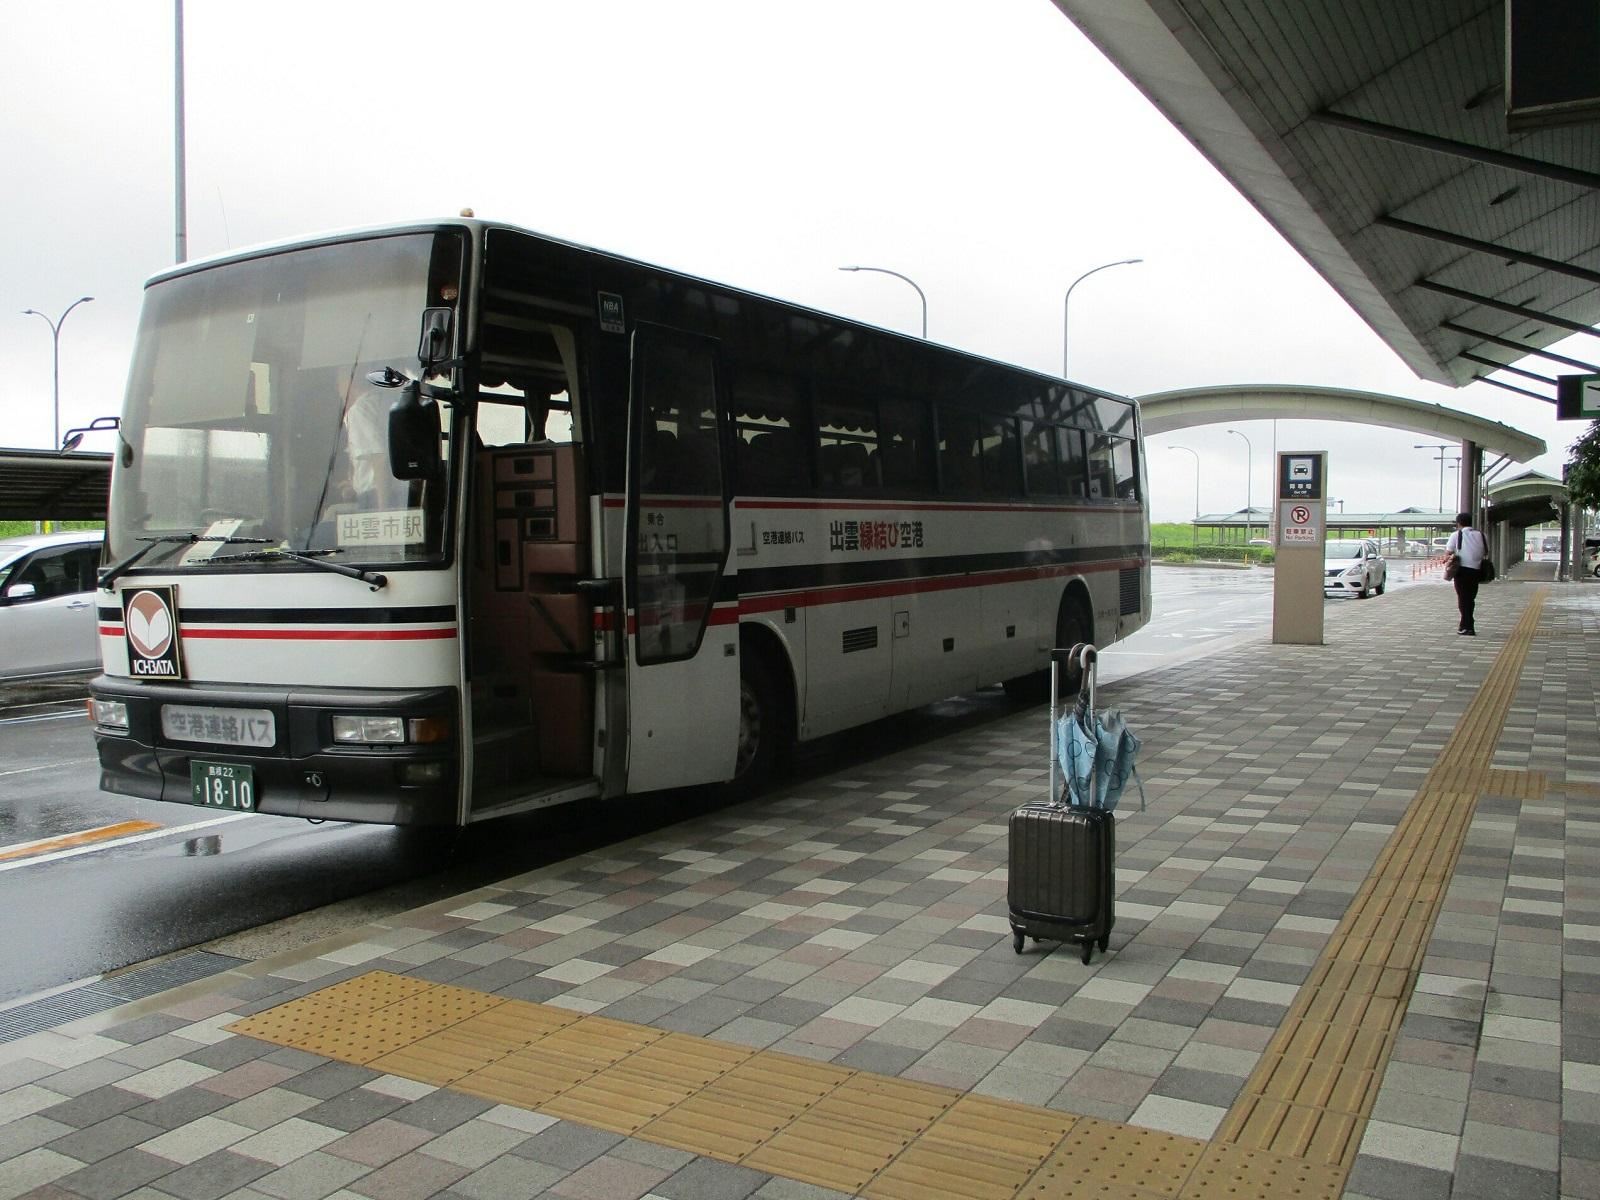 2018.7.6 (30) 出雲空港 - 出雲市駅いきバス 1600-1200